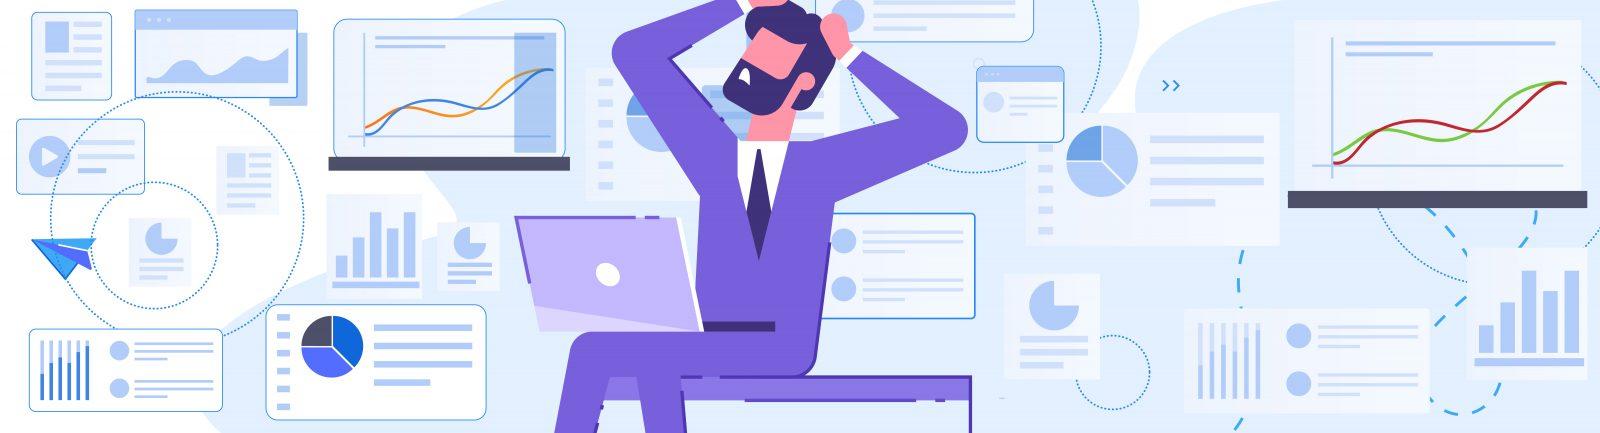 Ilustracja do tekstu o komunikacji wewnętrznej: mężczyzna siedzący przy komputerze i łapiący się za głowę